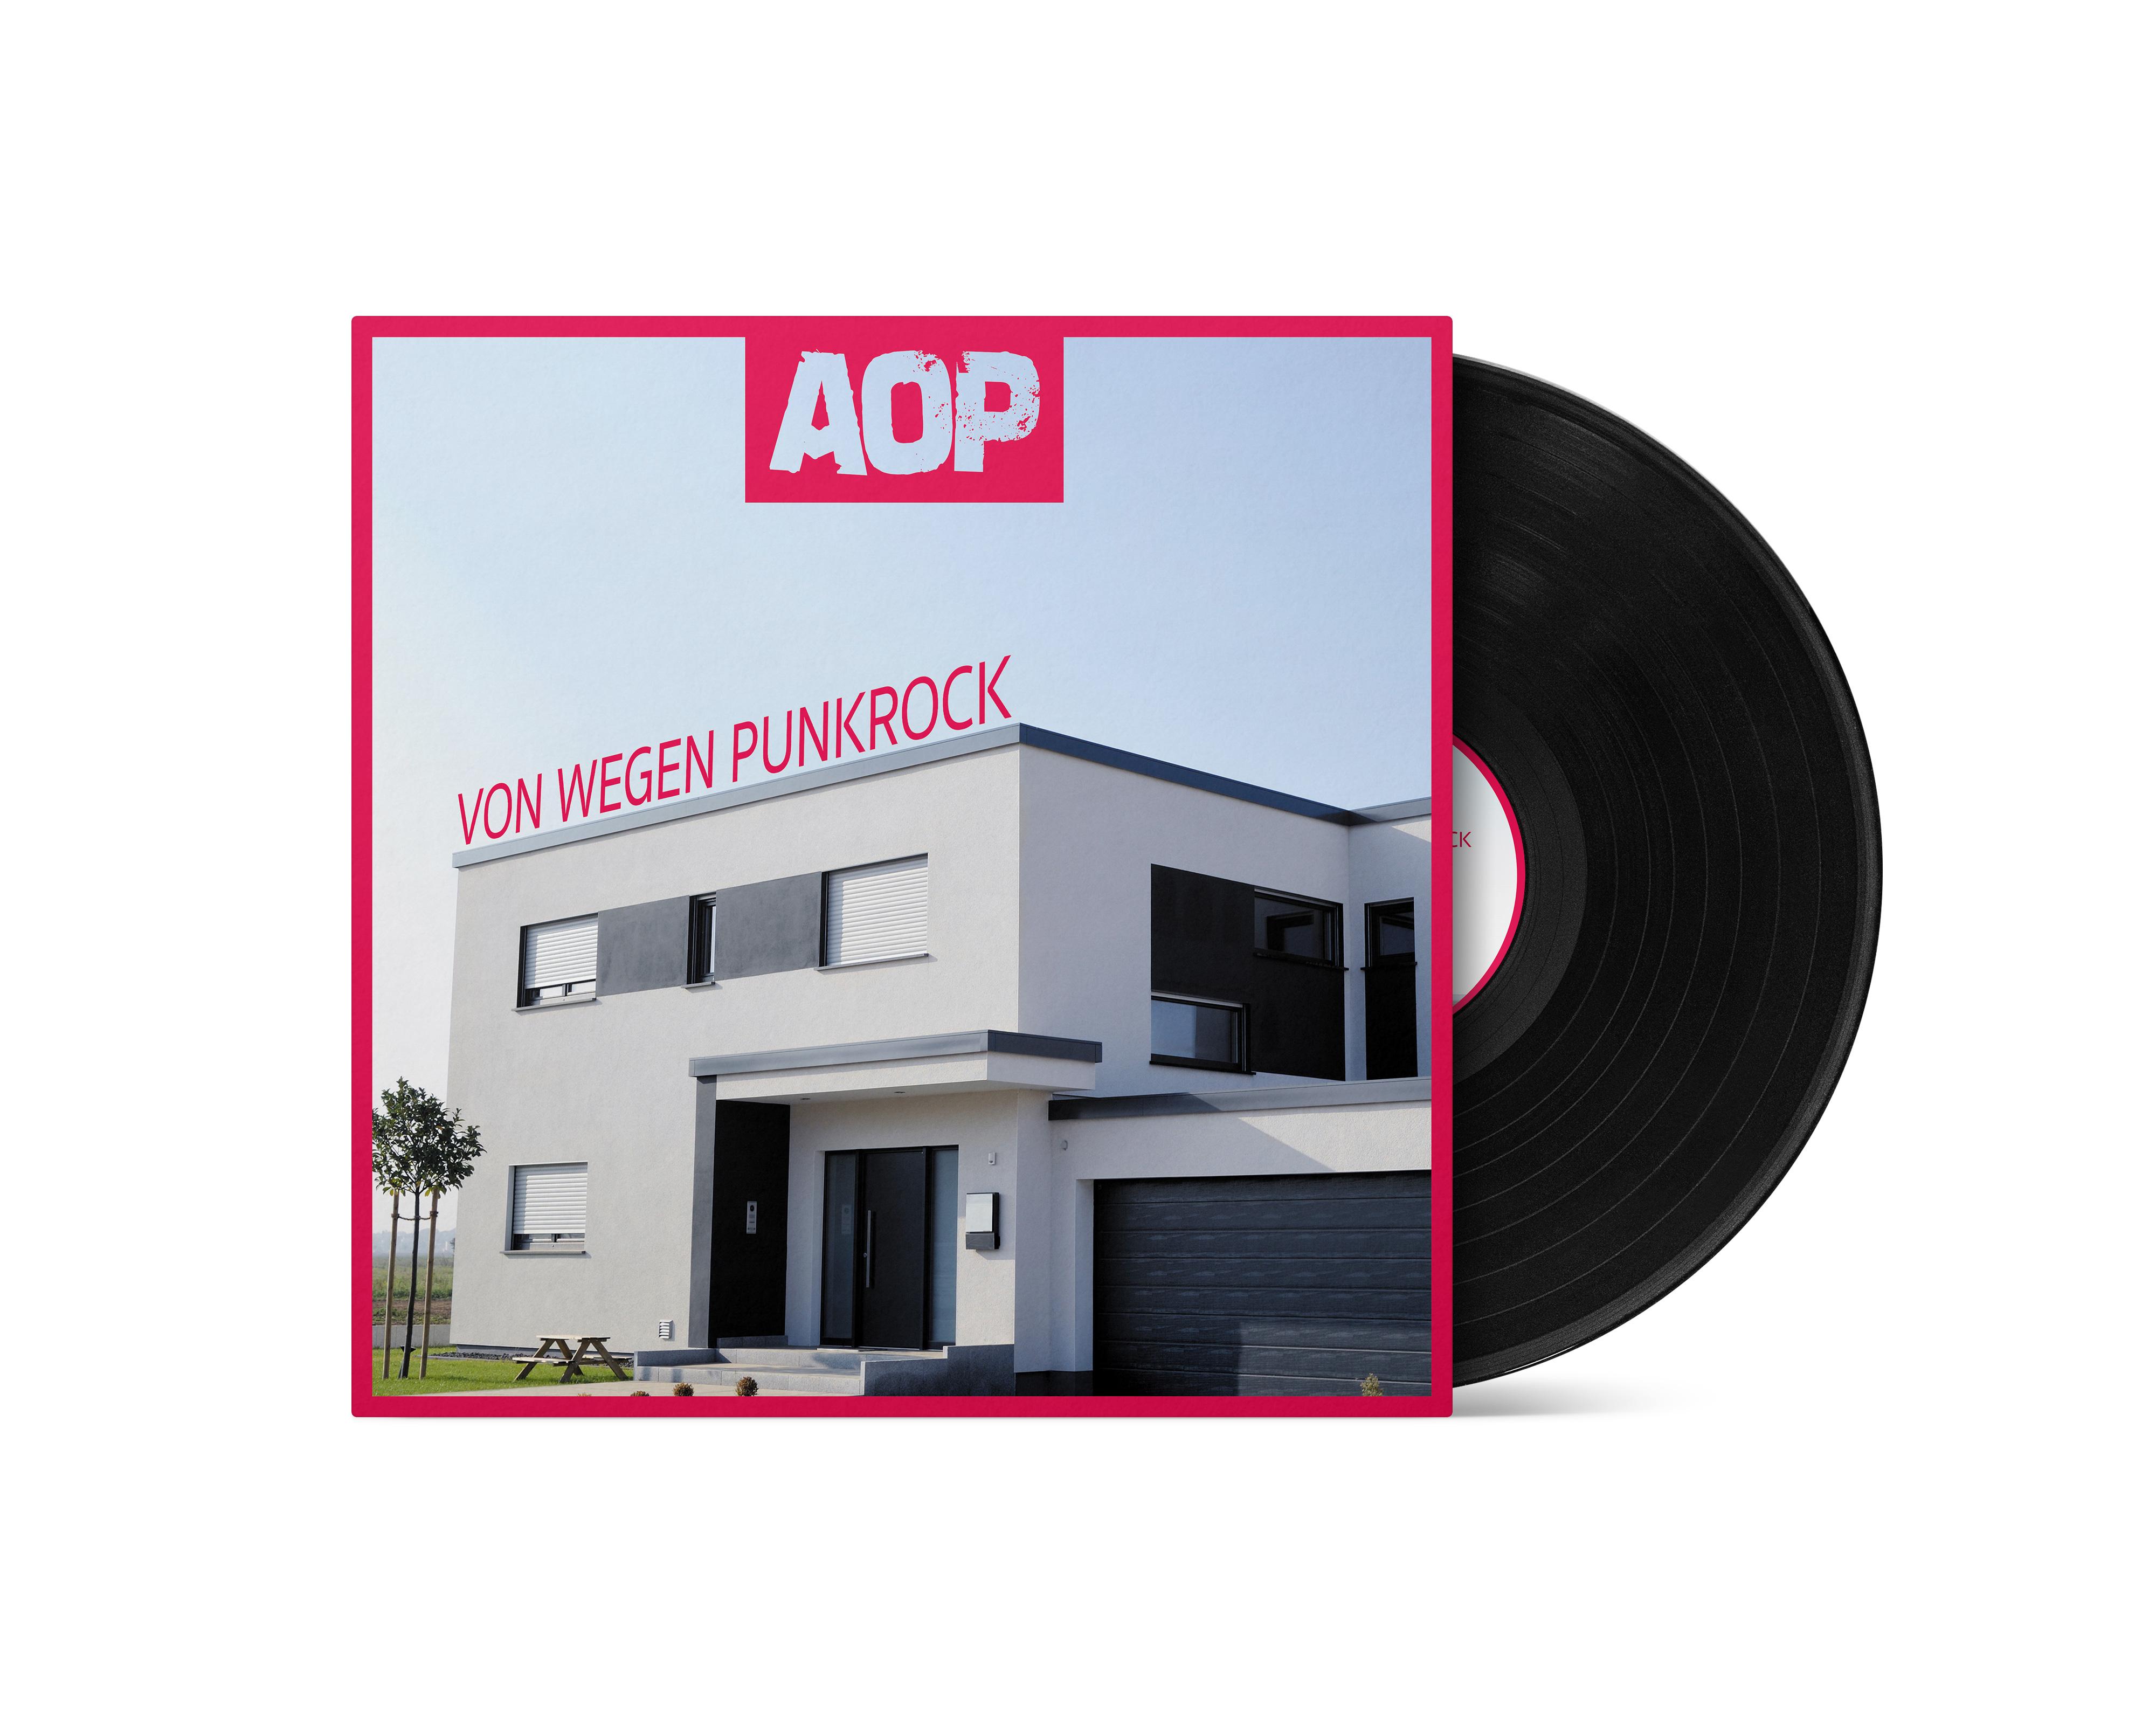 AOP – Album – Von wegen Punkrock – Vinyl